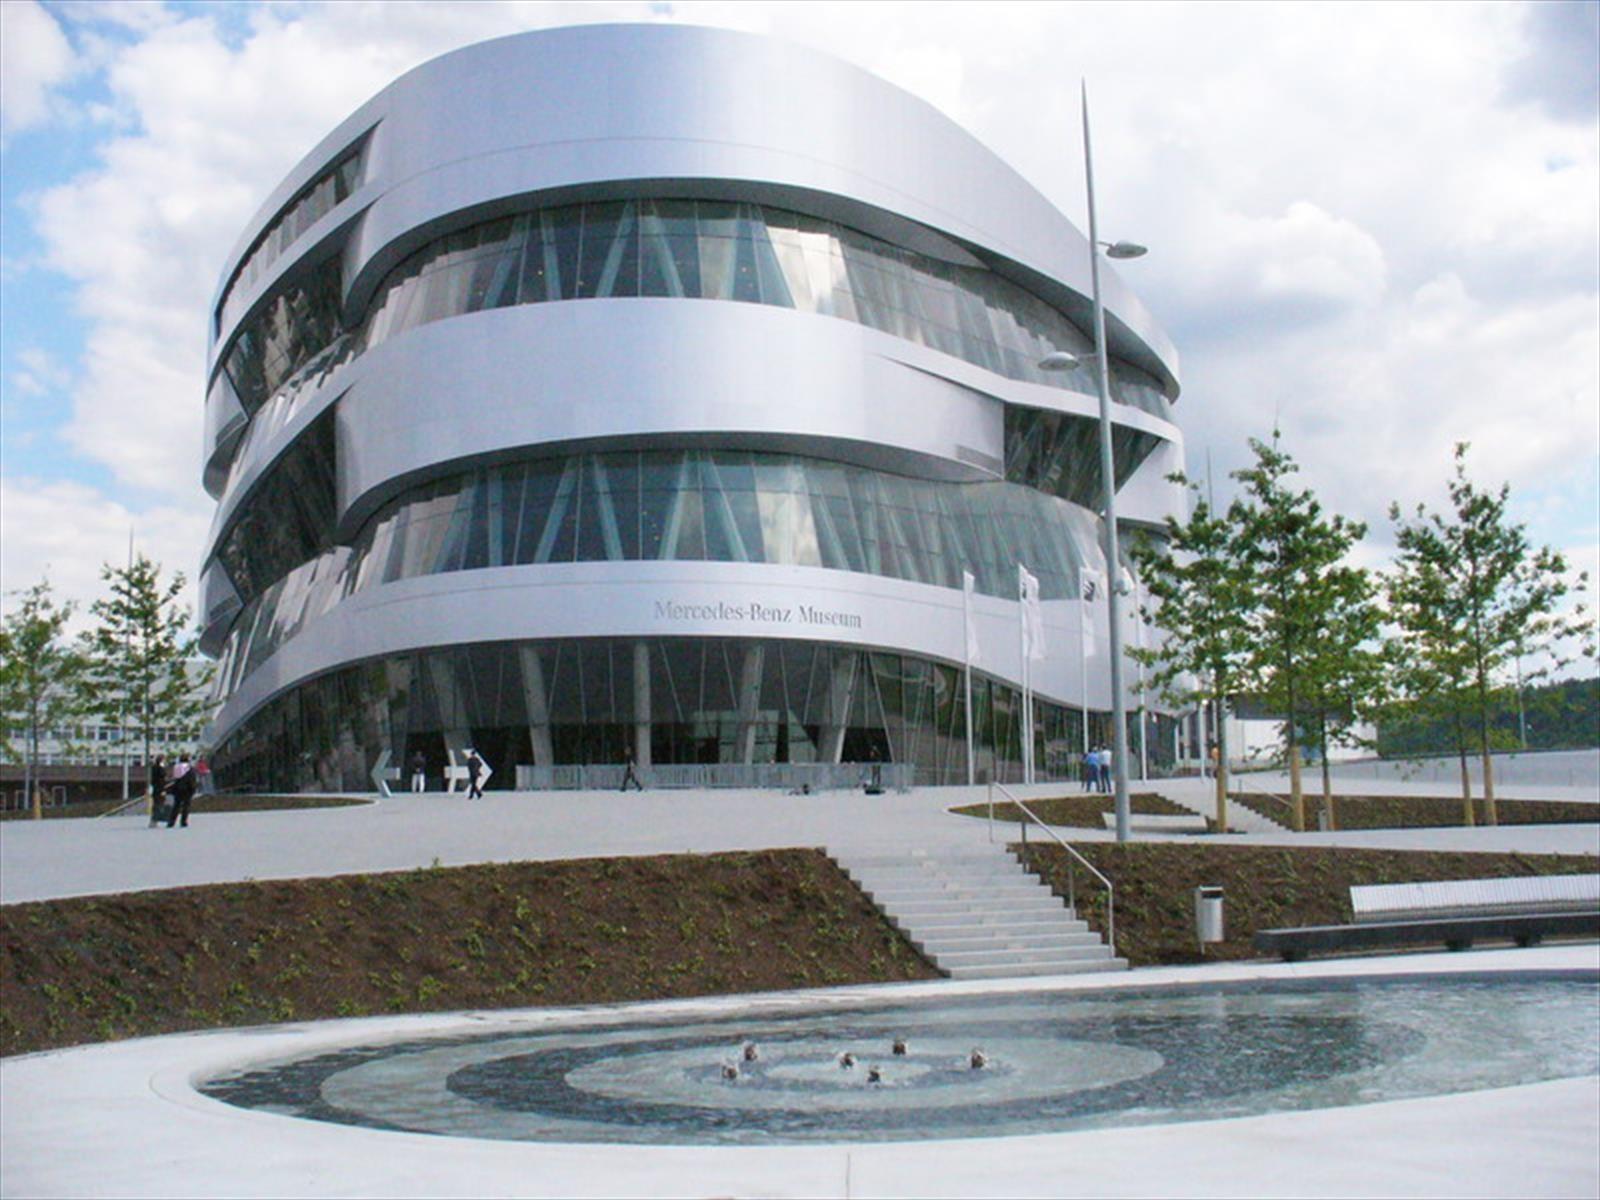 Museo Mercedes-Benz, donde revives la historia del automóvil